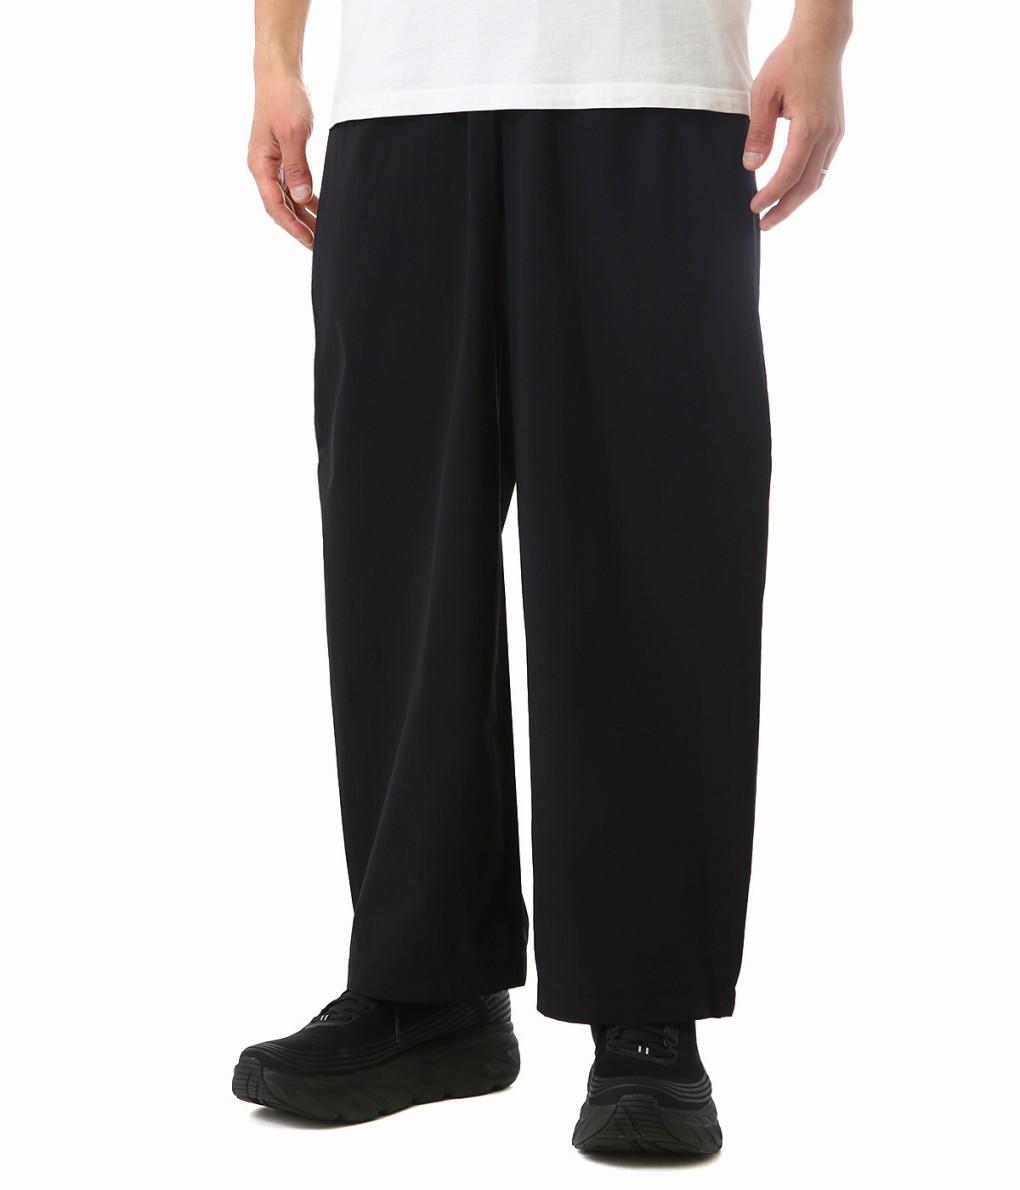 TEATORA / テアトラ : Wallet Pants HOTEL ICE : ウォレット パンツ ホテル メンズ : TT-004H-ICE 【MUS】